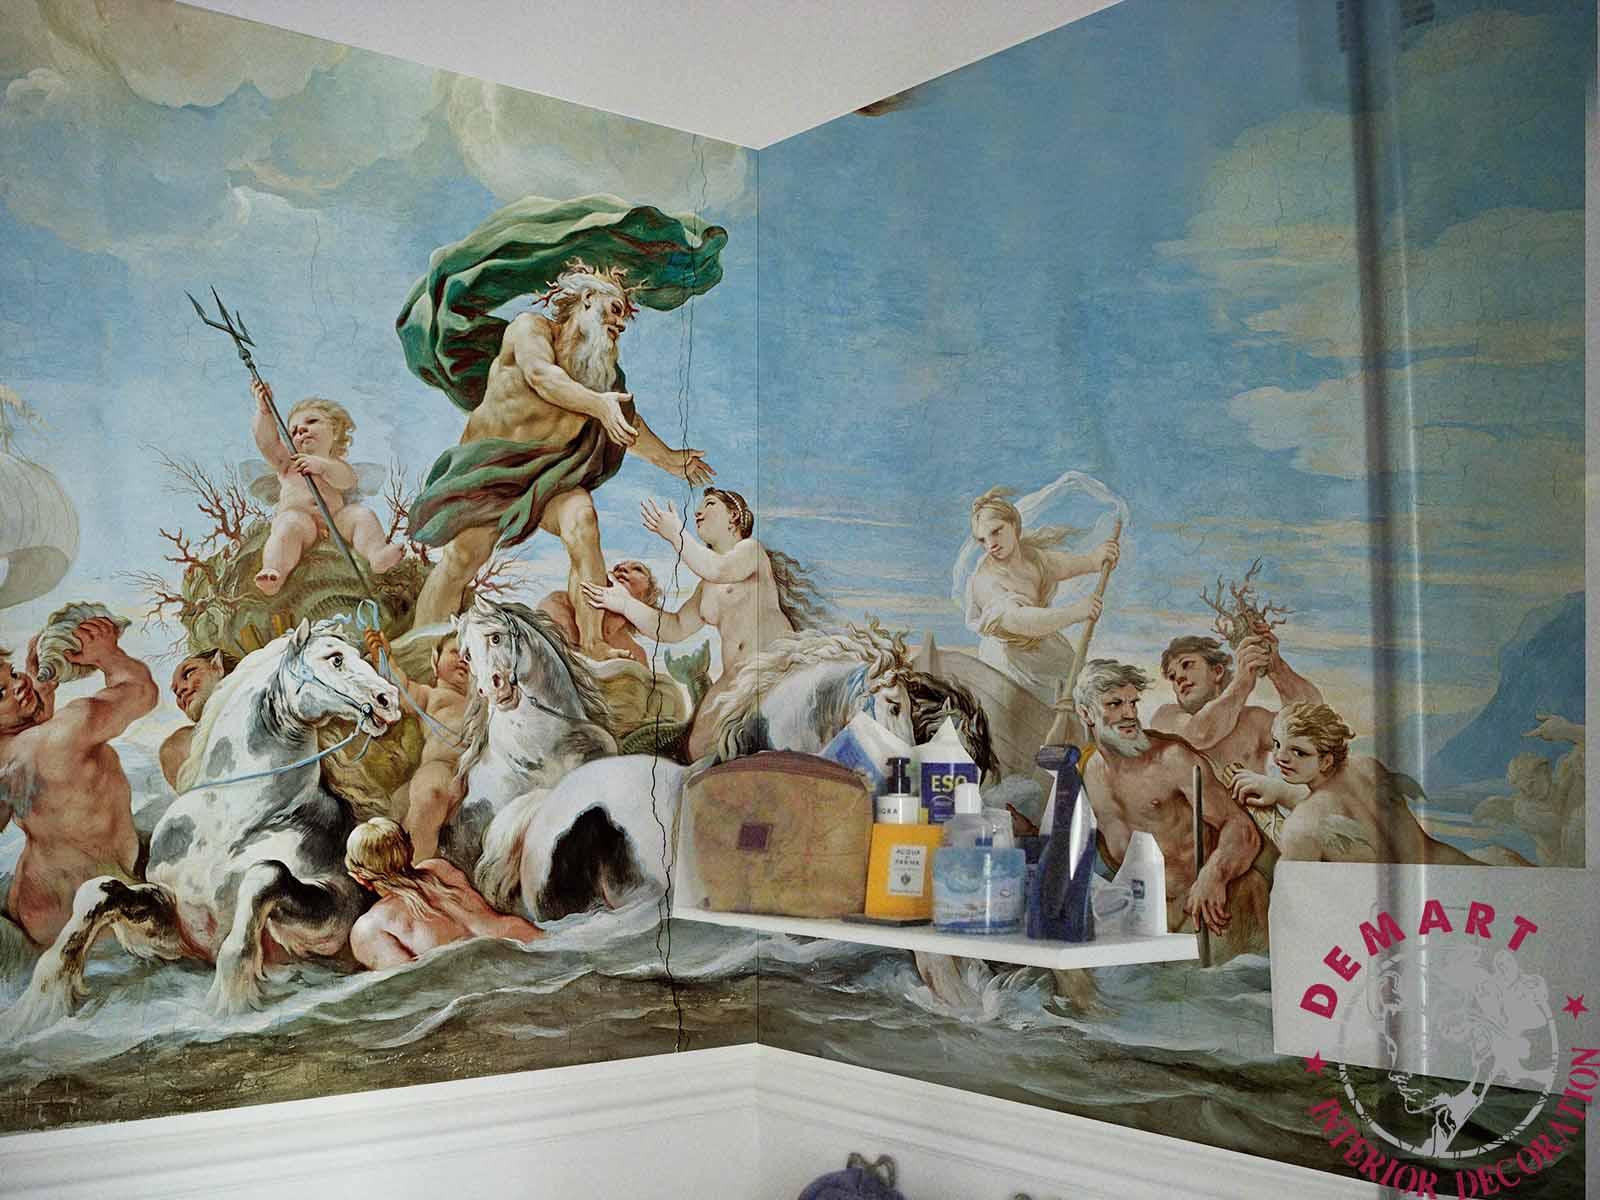 Decorazione Pareti Bagno : Decorazione parete affresco digitale bagno privato 02 u2013 demart